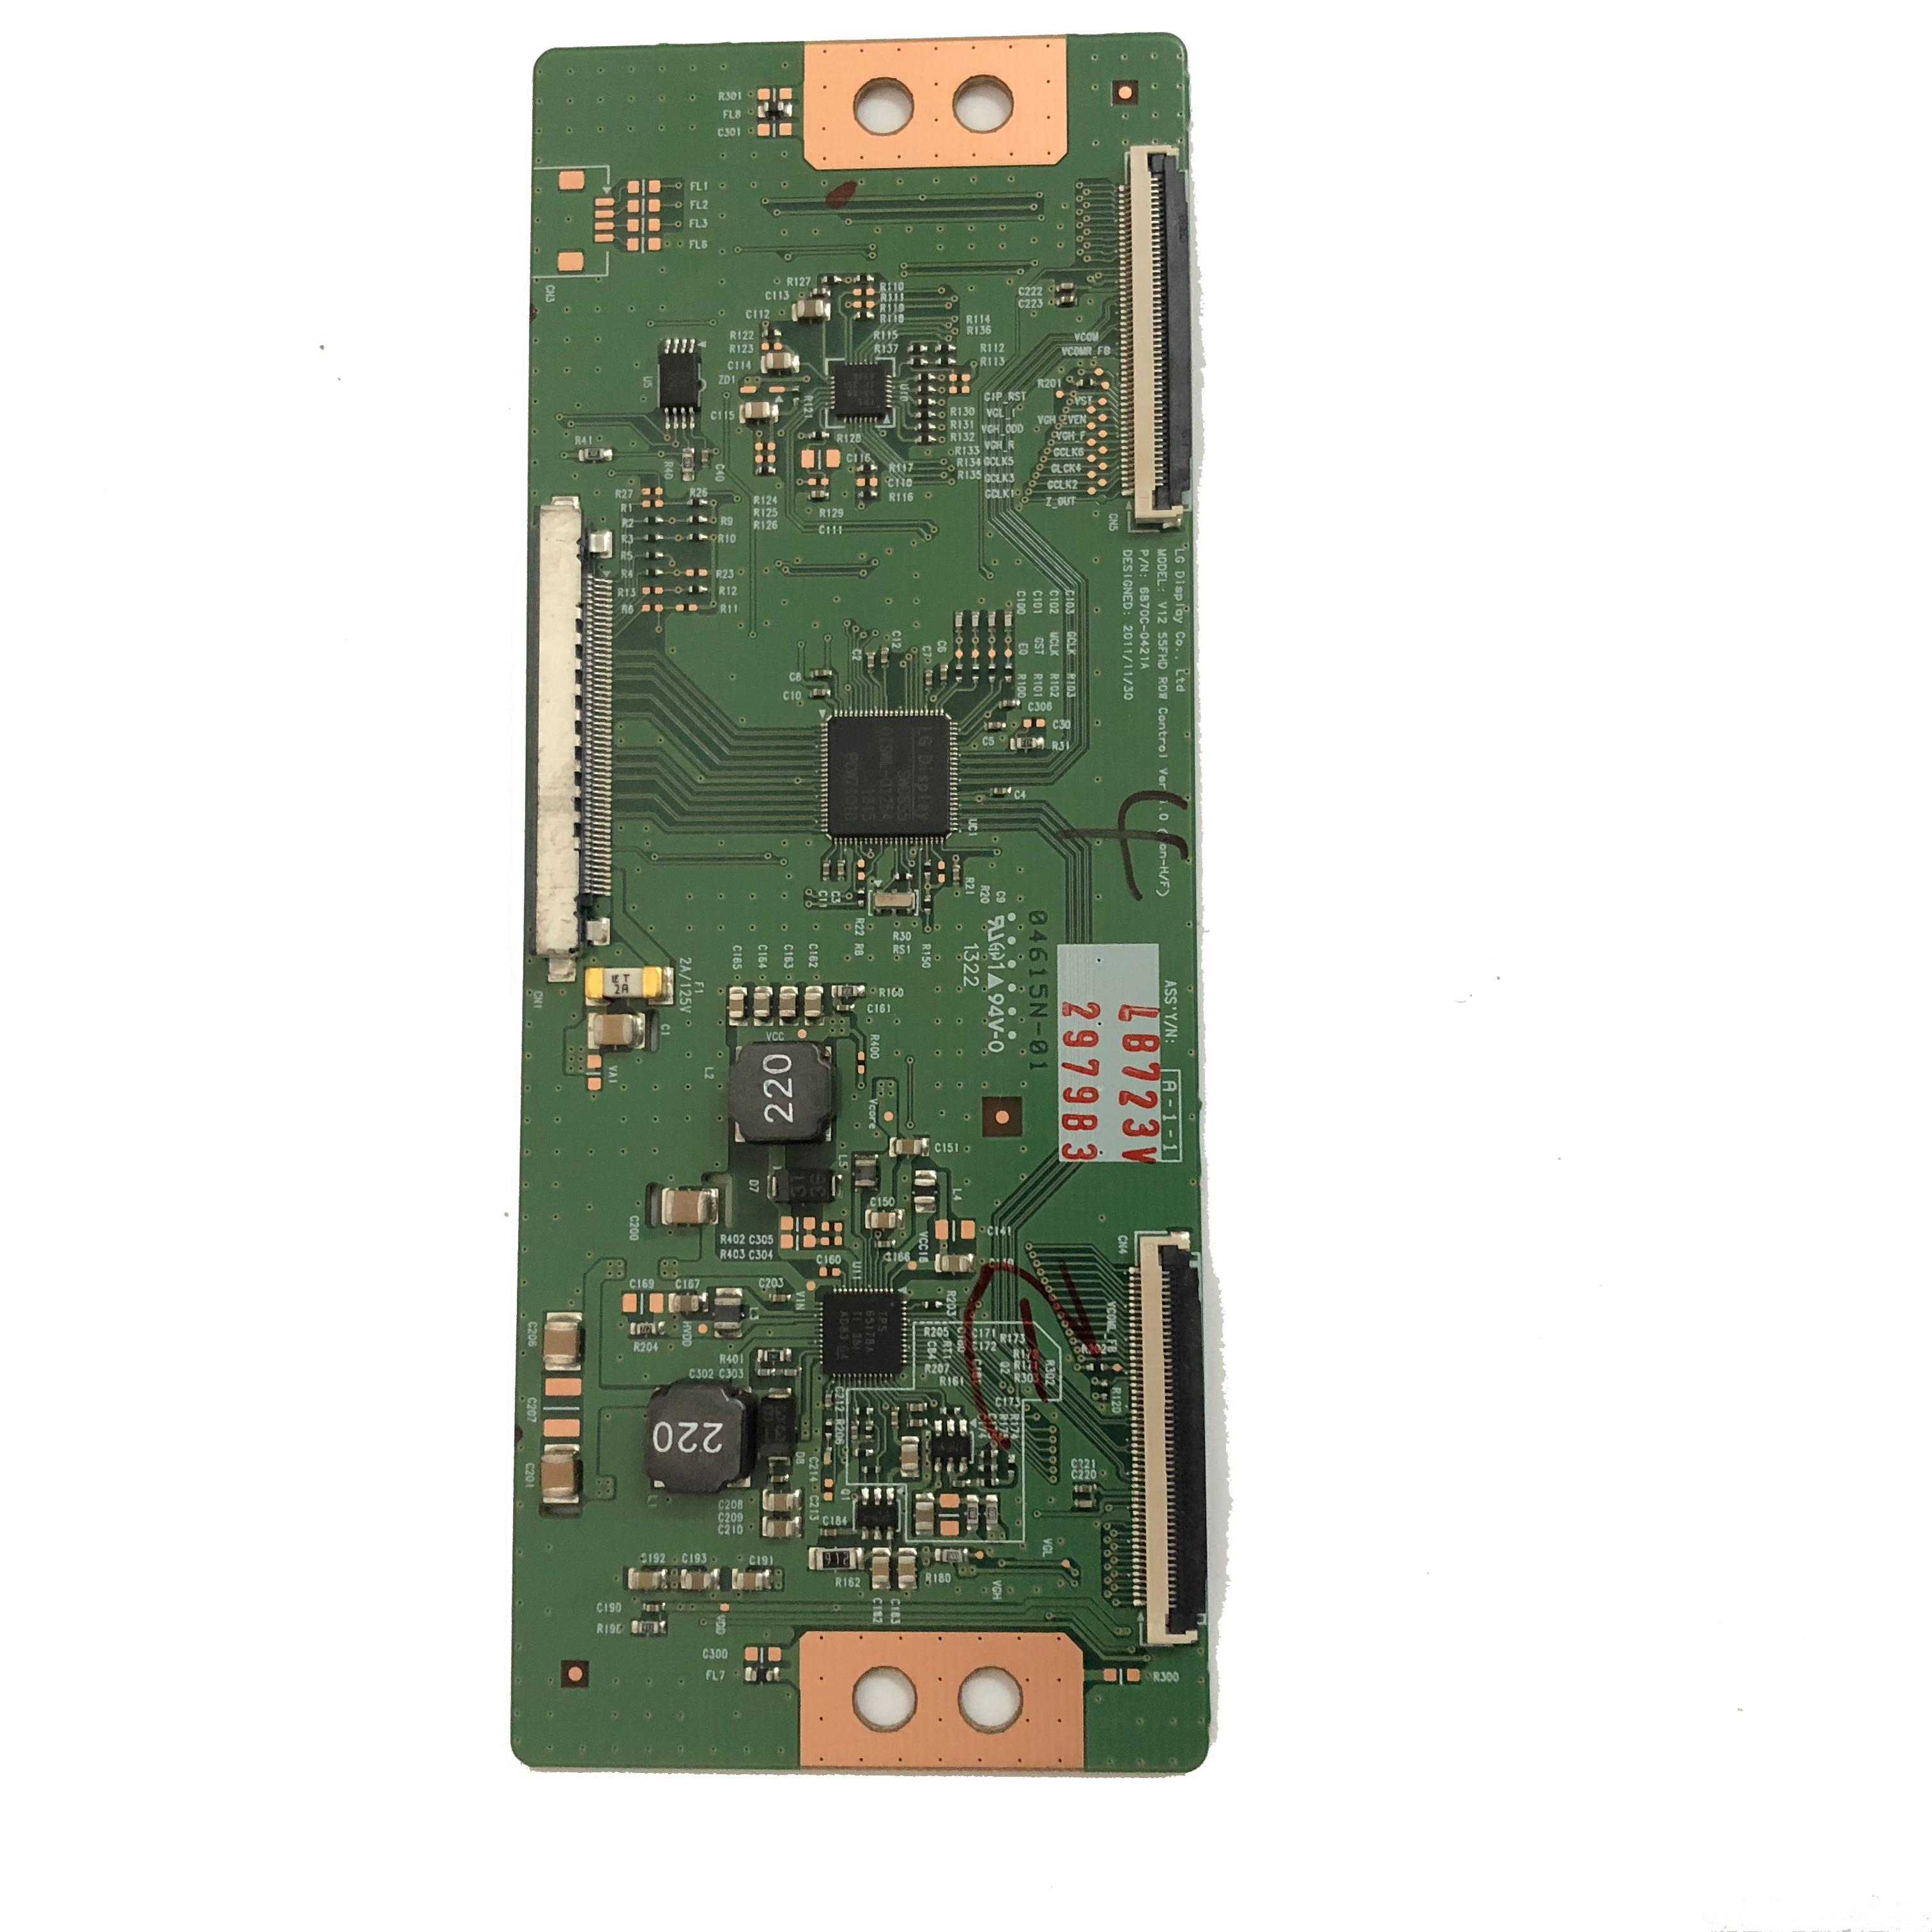 Vilaxh 6870C-0401B carte logique pour LG LC37/42/47/55 FHD 6870C-0401B 6870C-0401C avec connecteur blanc